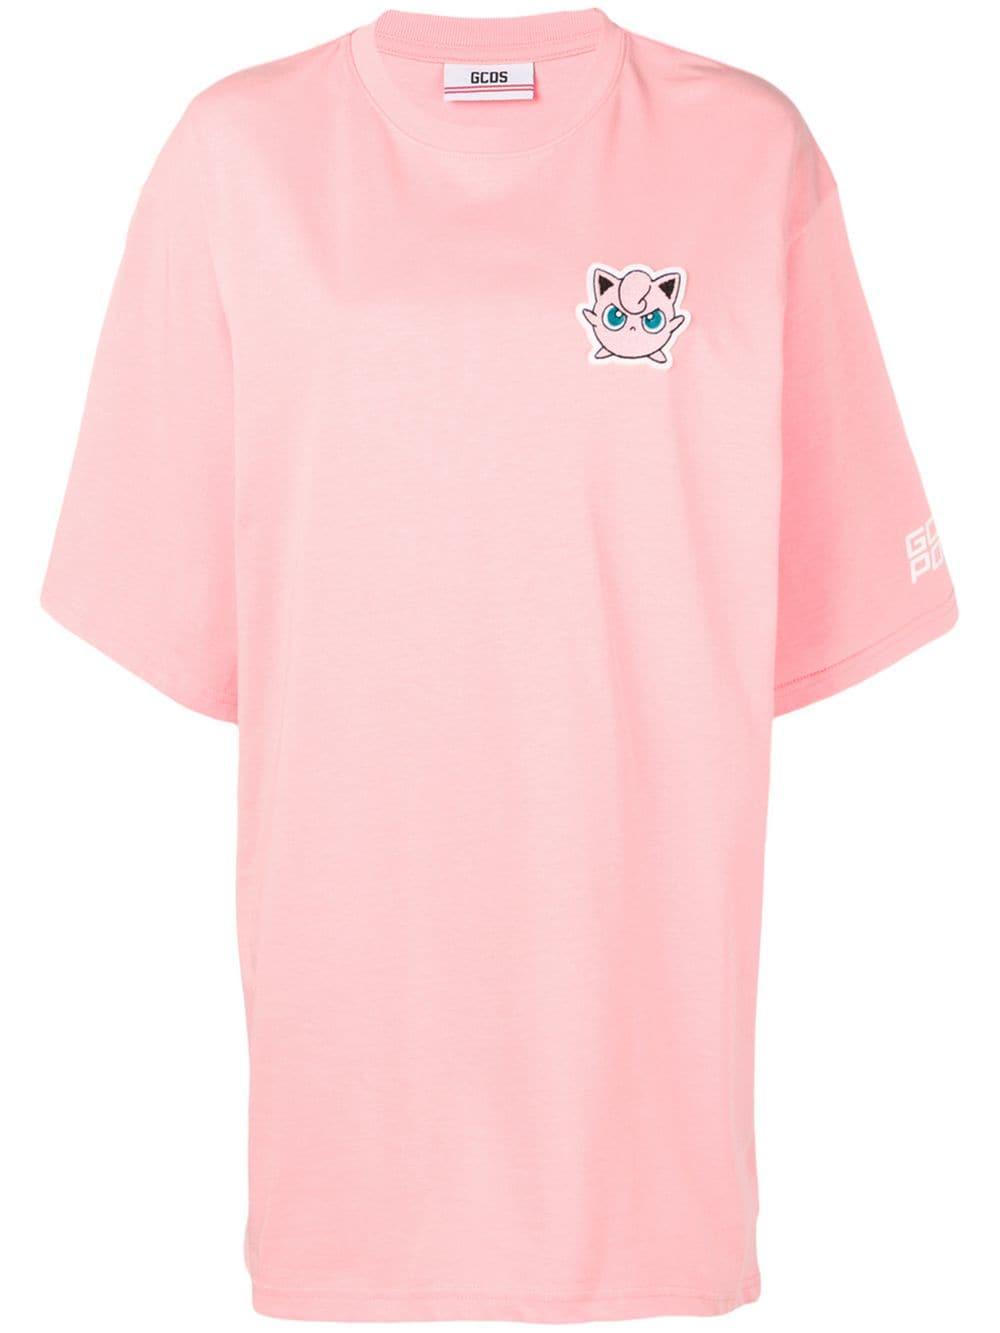 Gcds Jigglypuff T-Shirt Dress